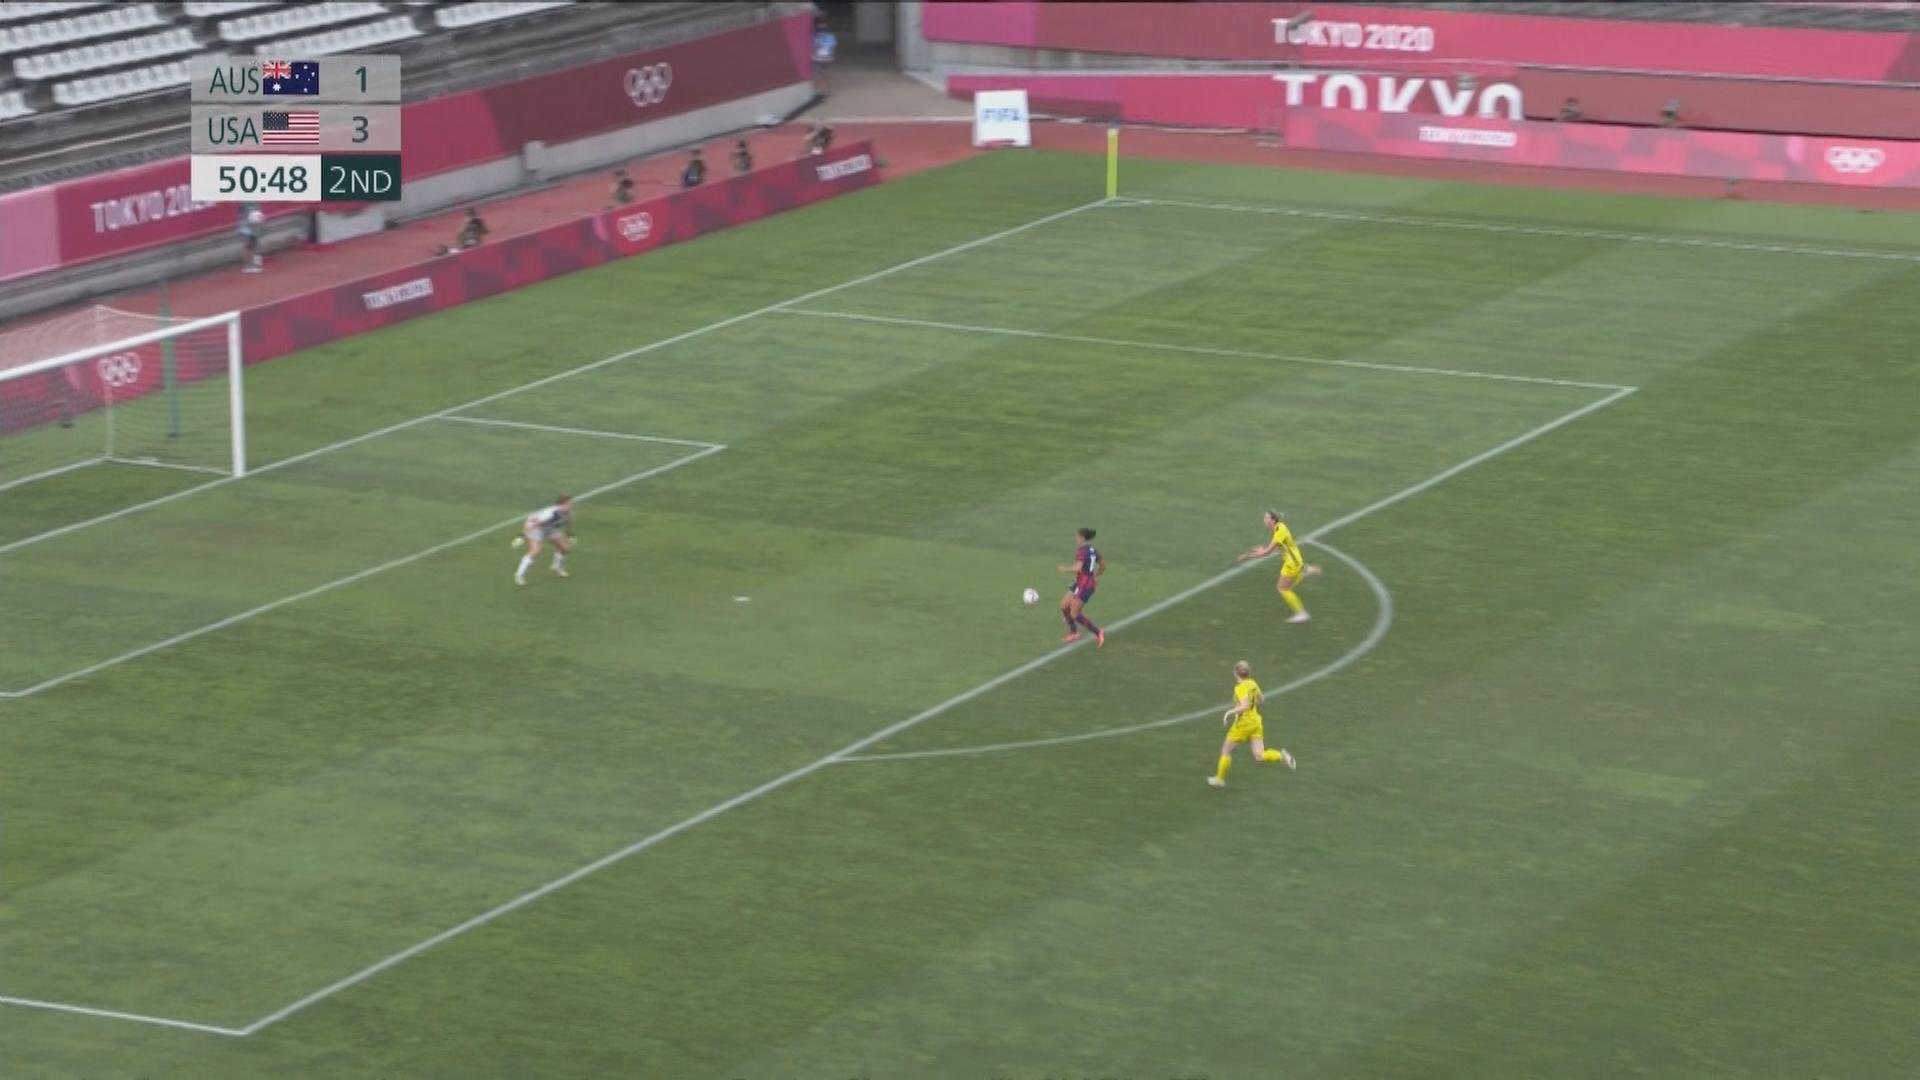 奧運女足季軍戰 澳洲3:4美國